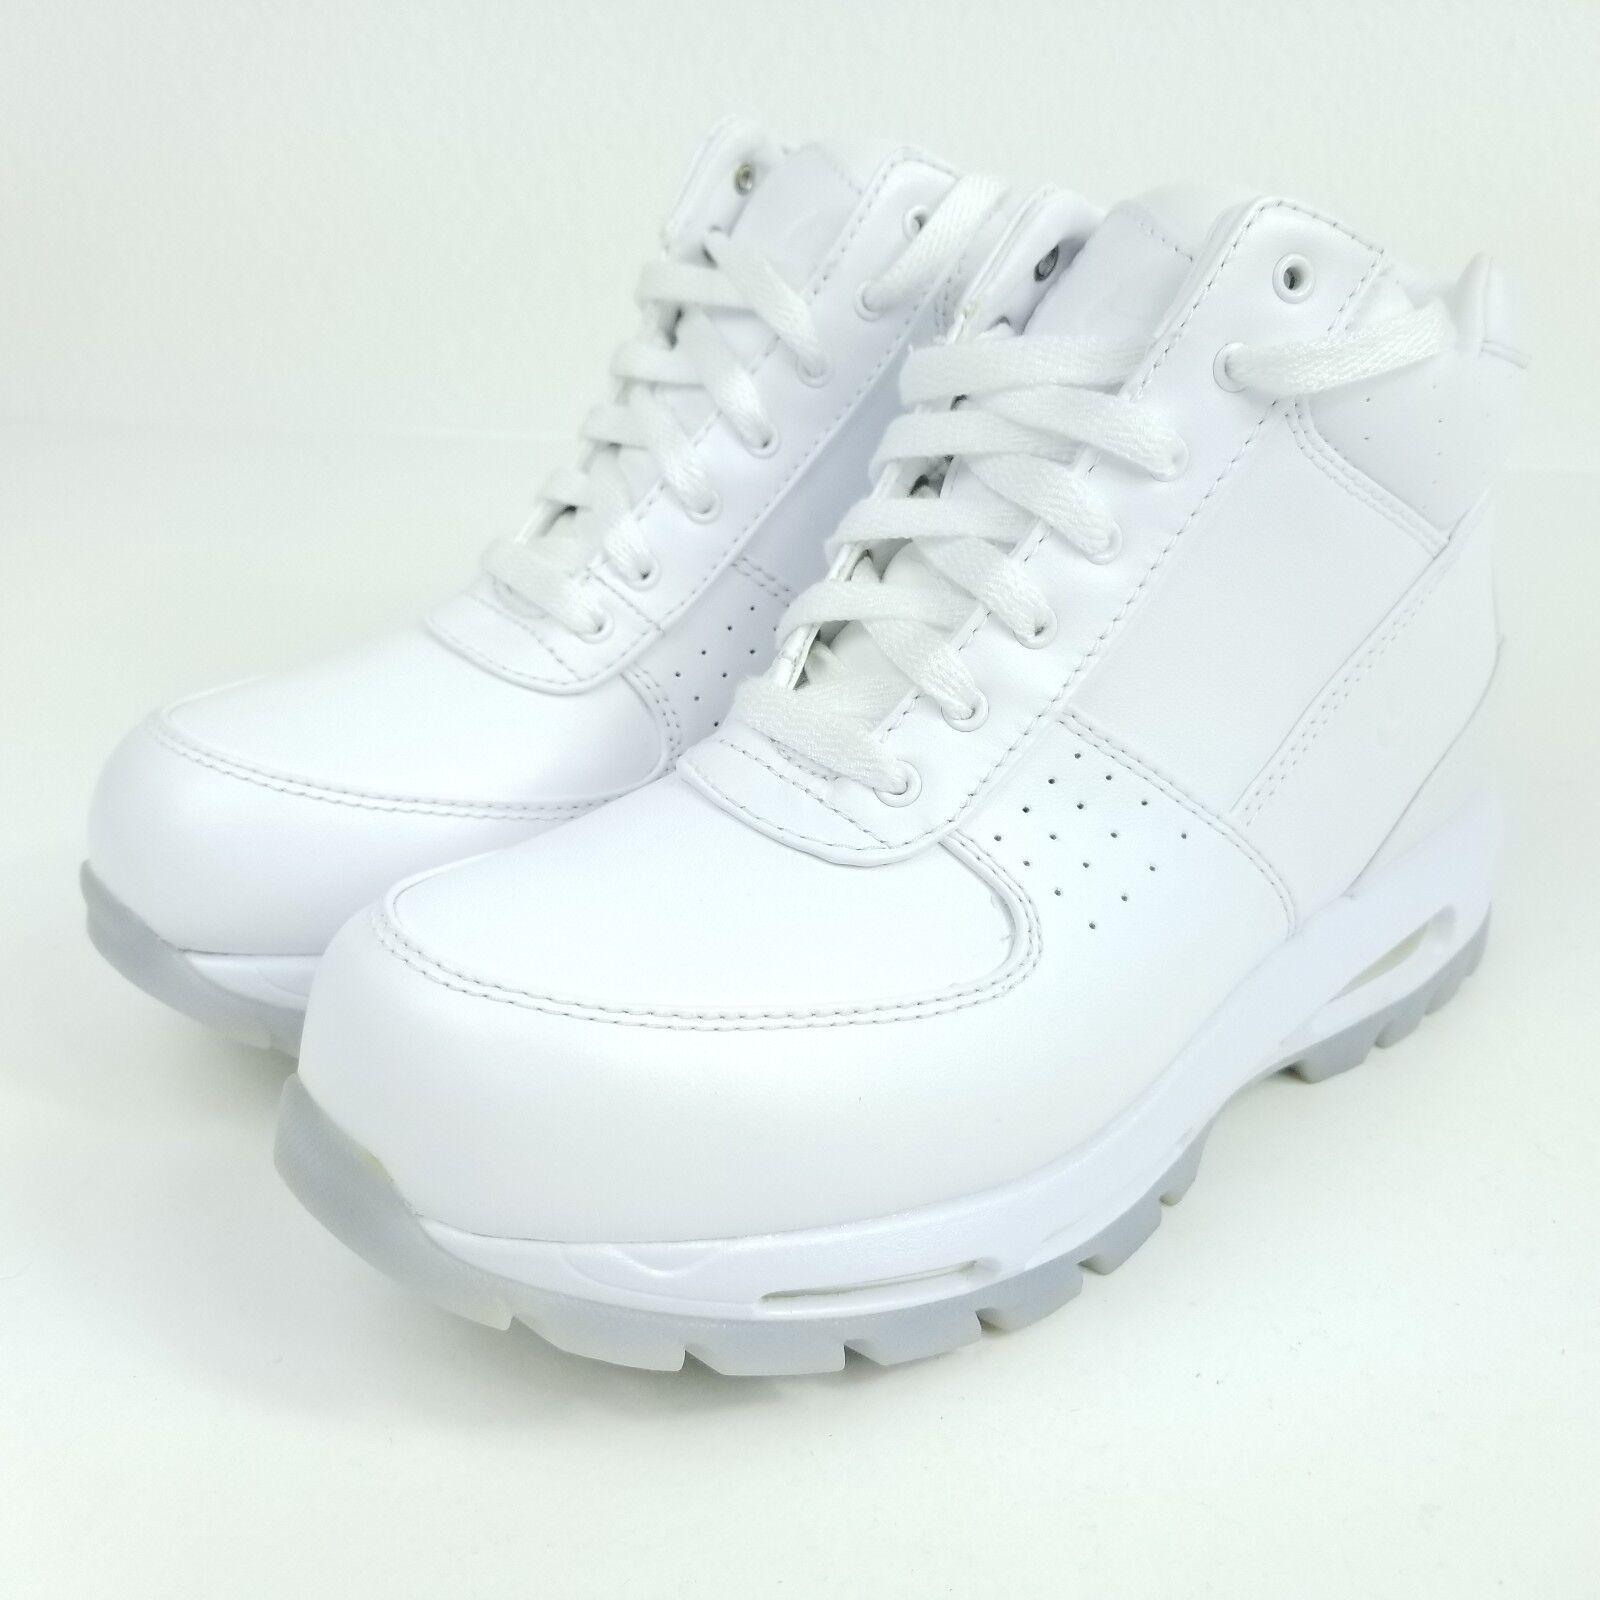 Nike Air Max Boots Goadome Acg Boots Max Mens Sz 8 Shoes Triple